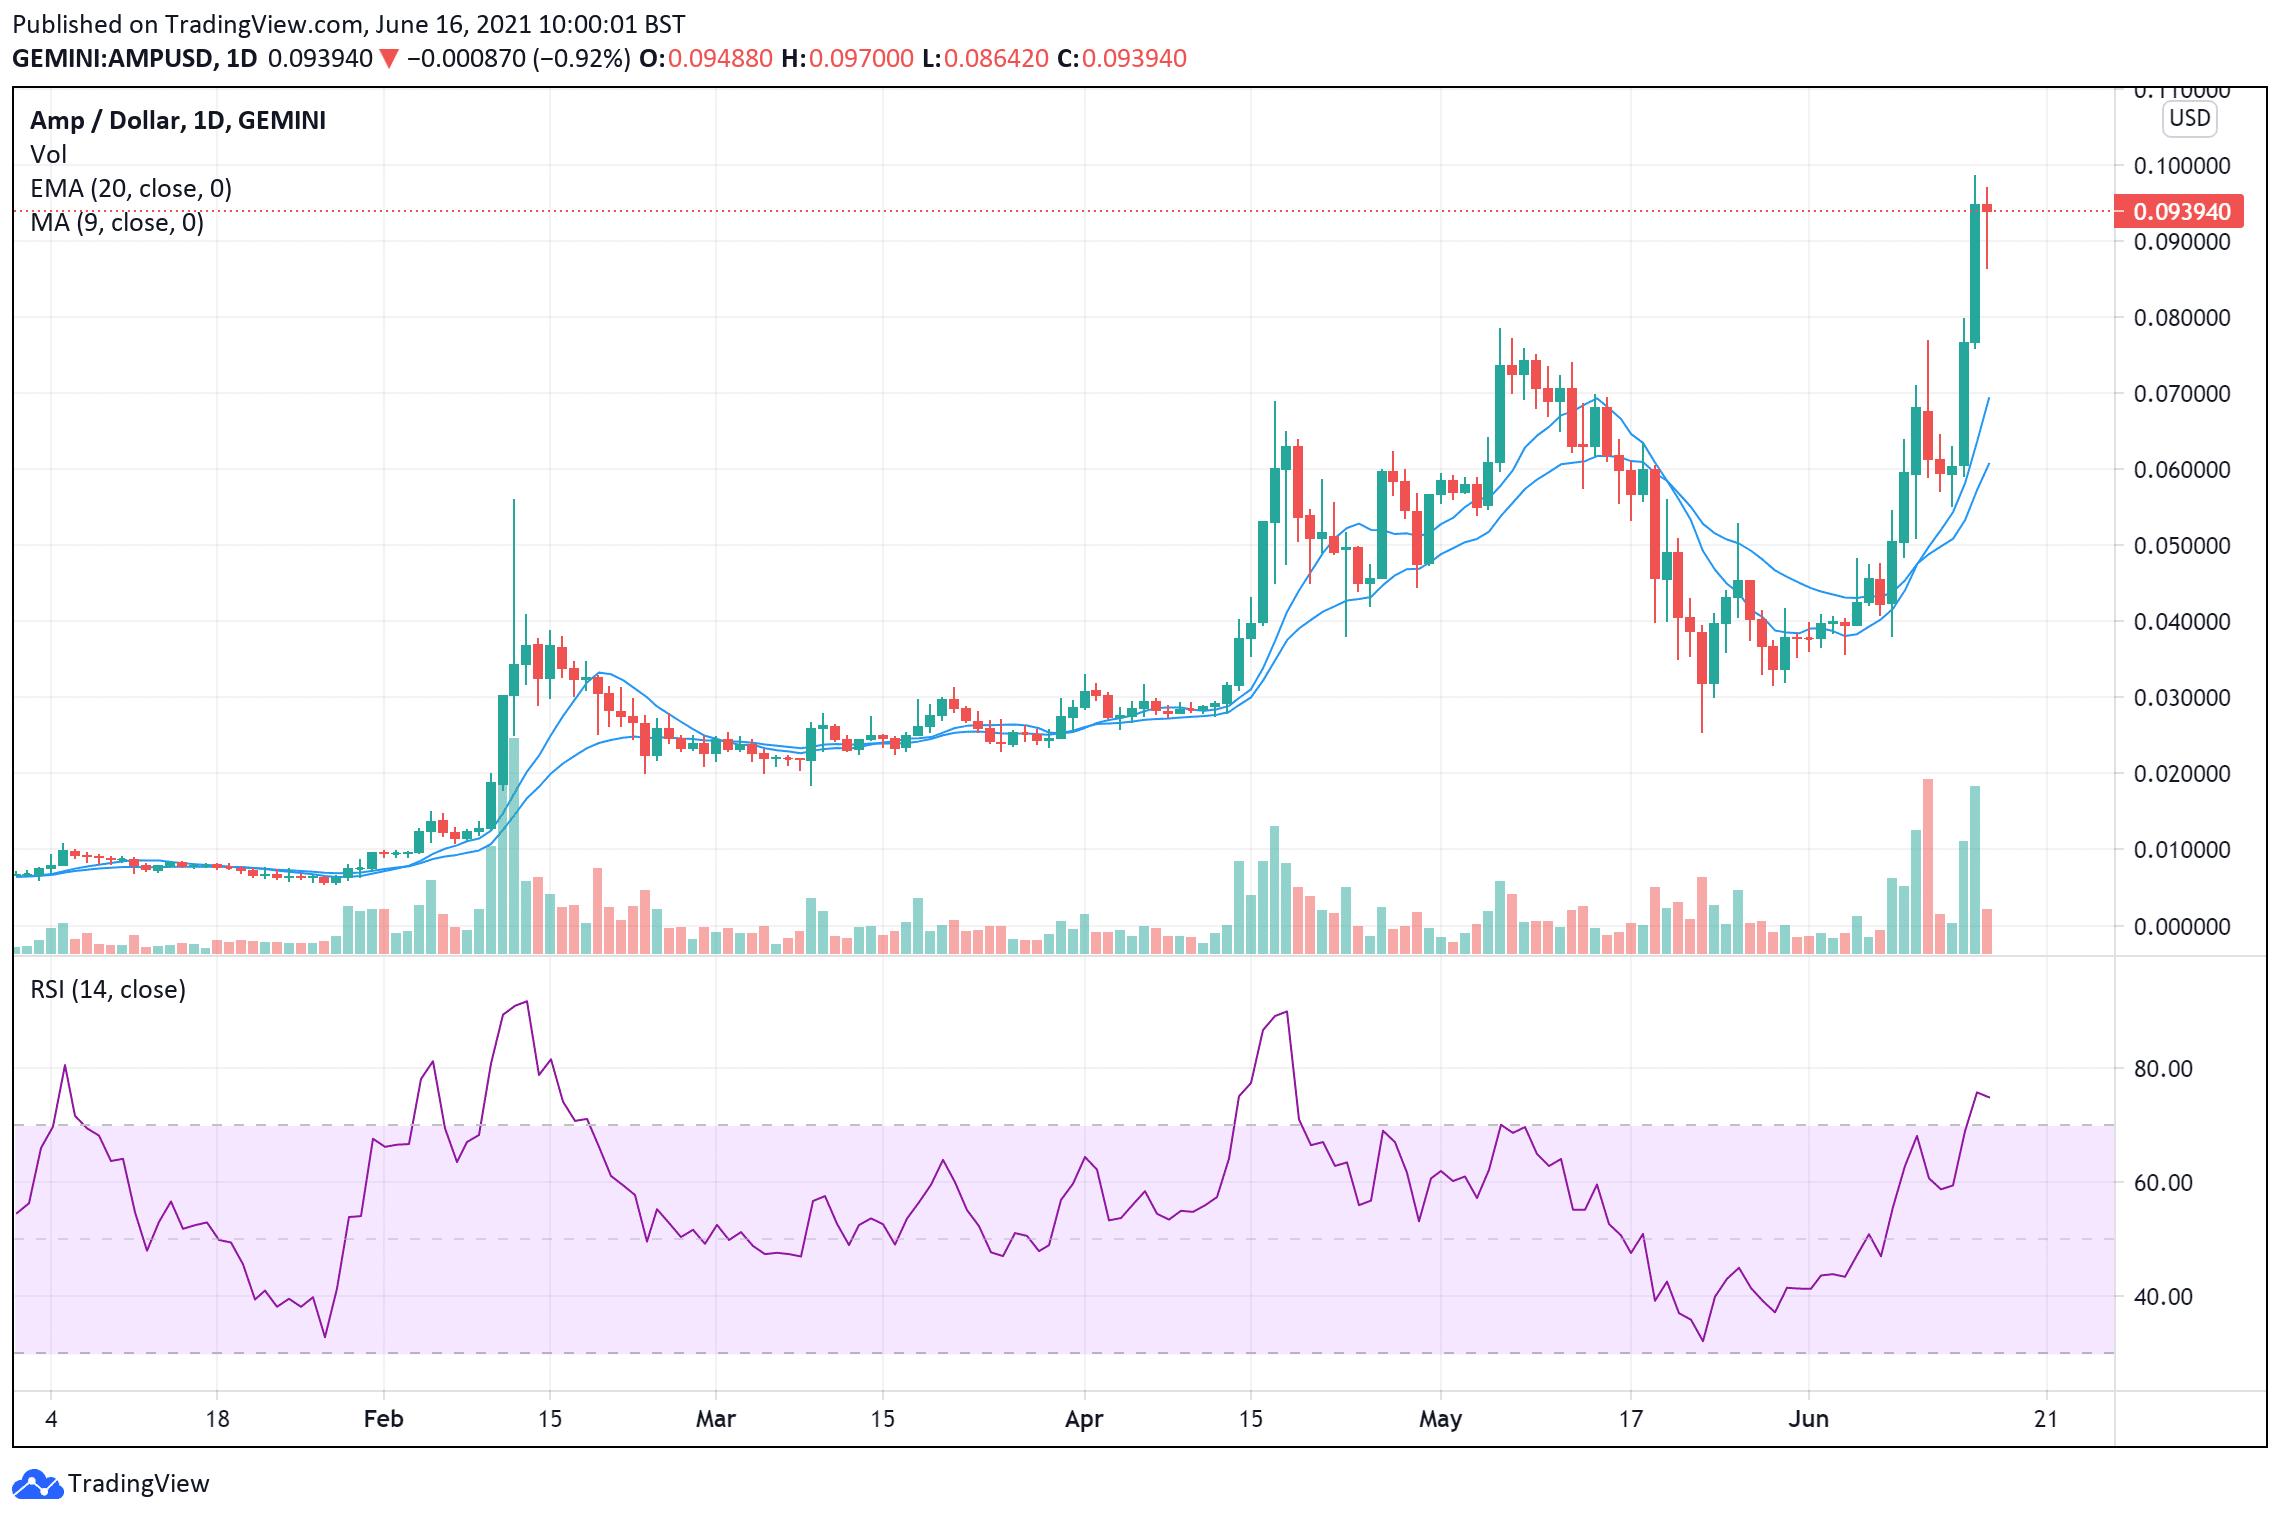 AMP price chart June 16